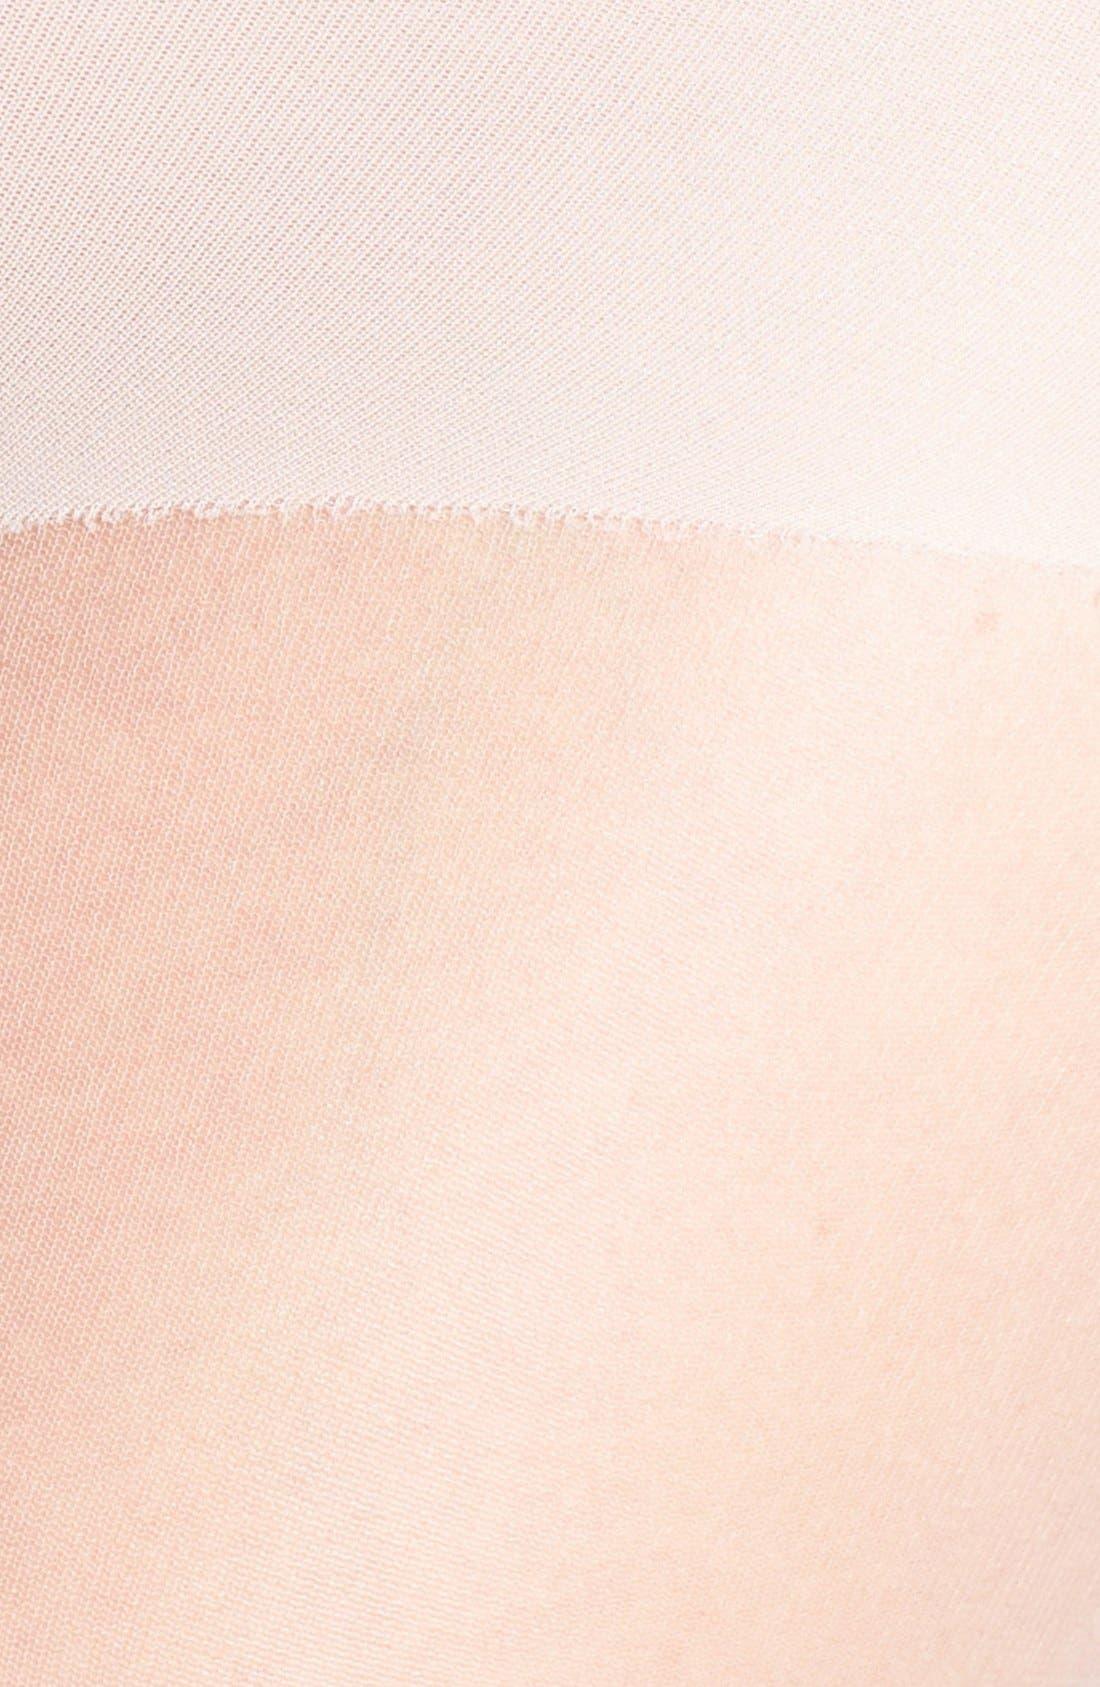 DONNA KARAN NEW YORK, Donna Karan The Nudes Toeless Pantyhose, Alternate thumbnail 2, color, A01